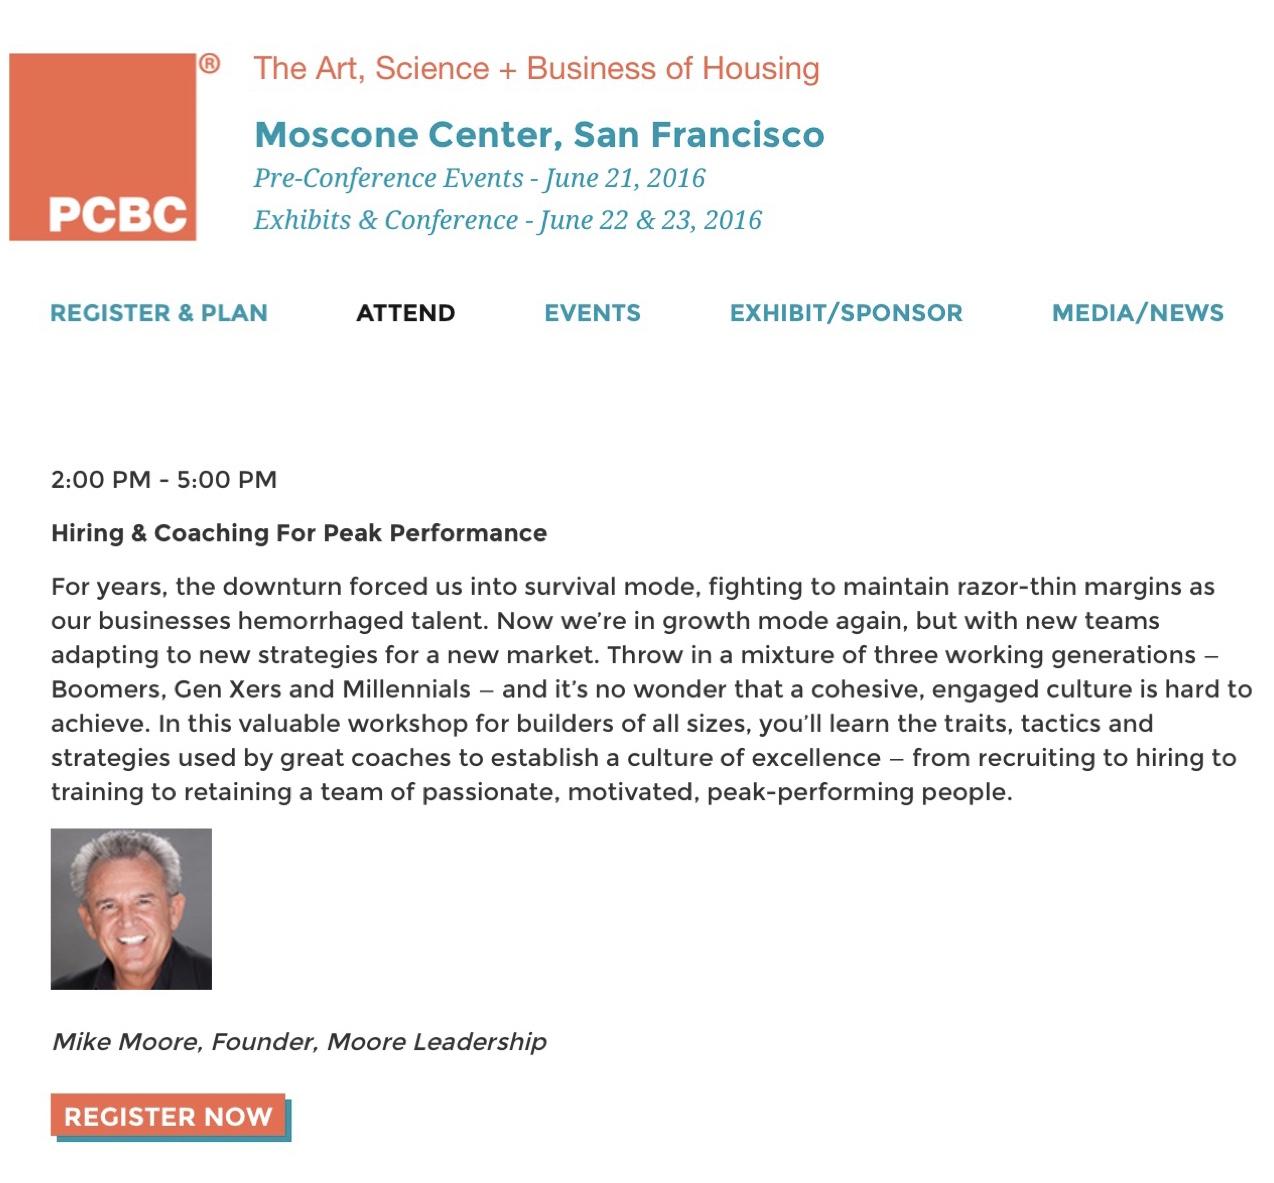 PCBC 2016 Pre-Conference Workshop